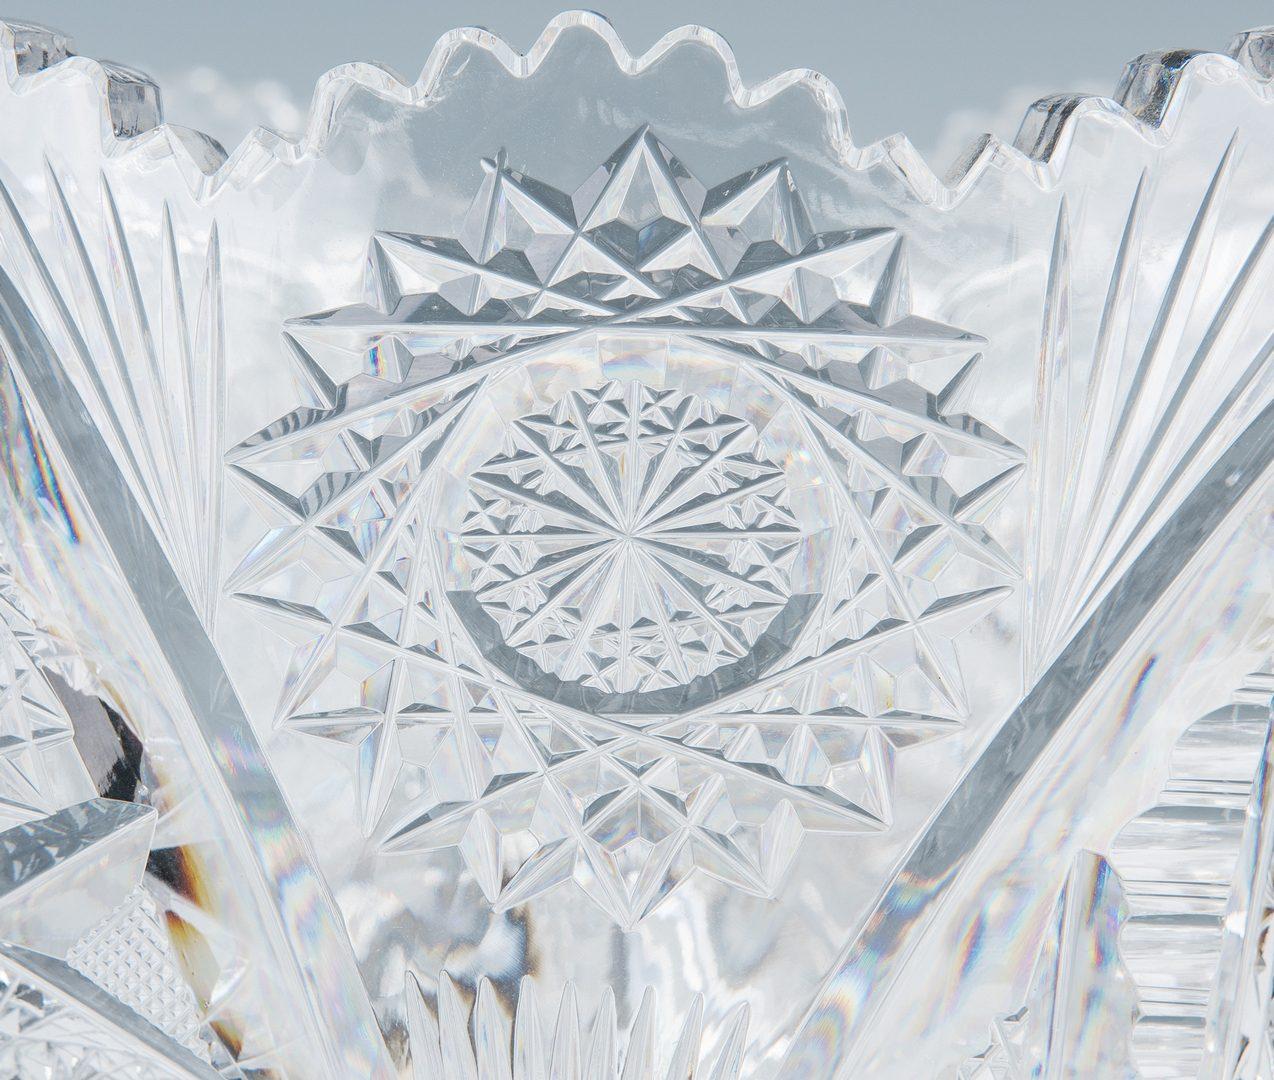 Lot 159: Brilliant Cut Glass Pedestal Punch Bowl